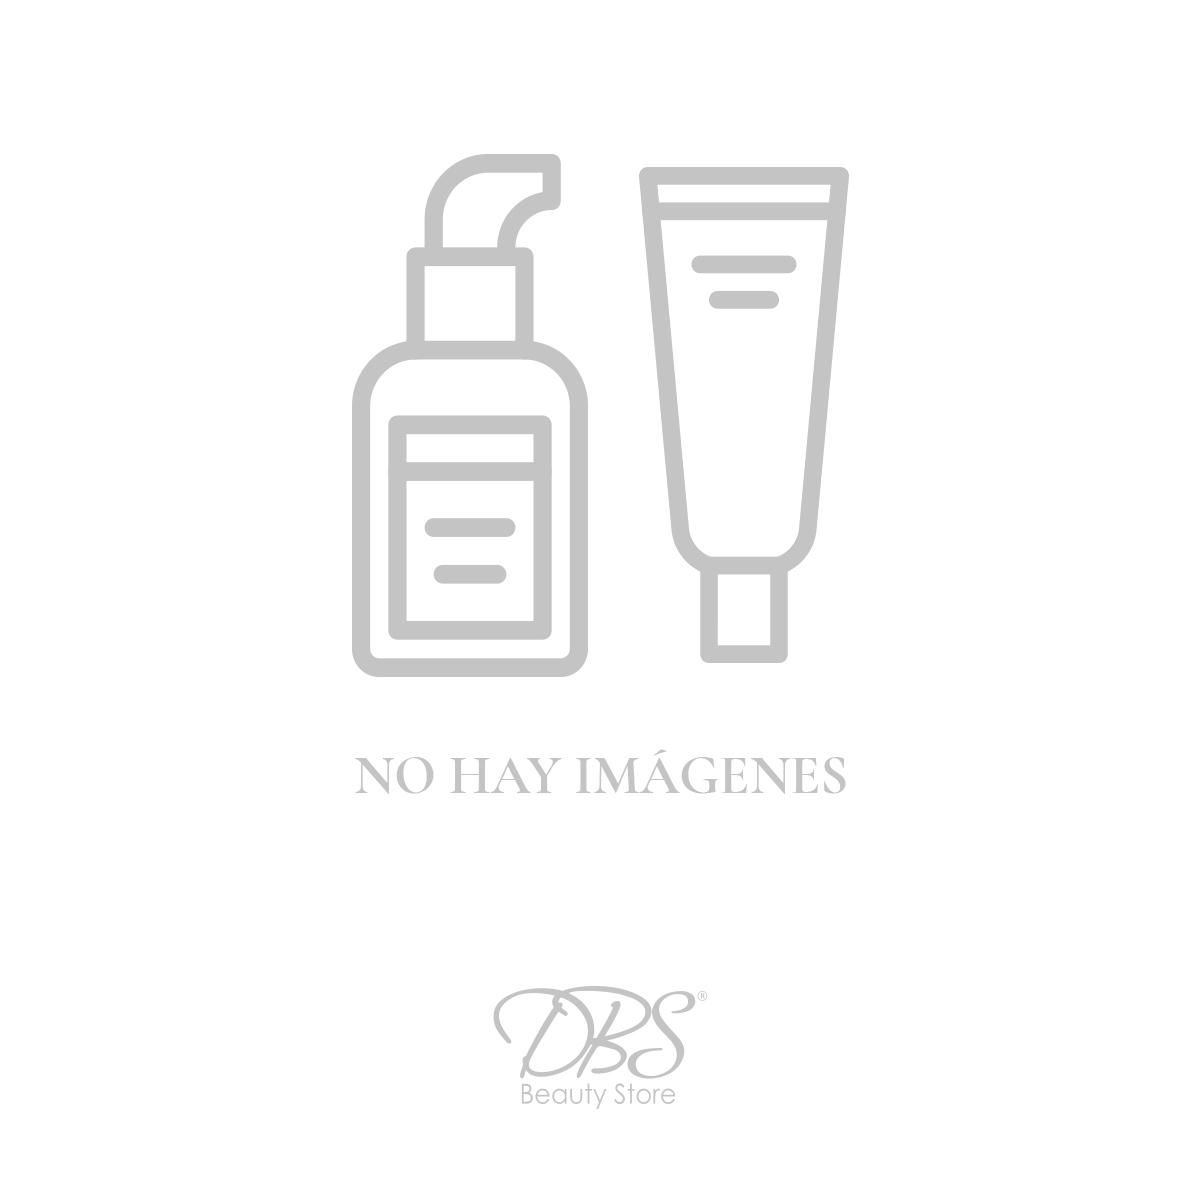 bath-and-body-works-BW-52904.jpg